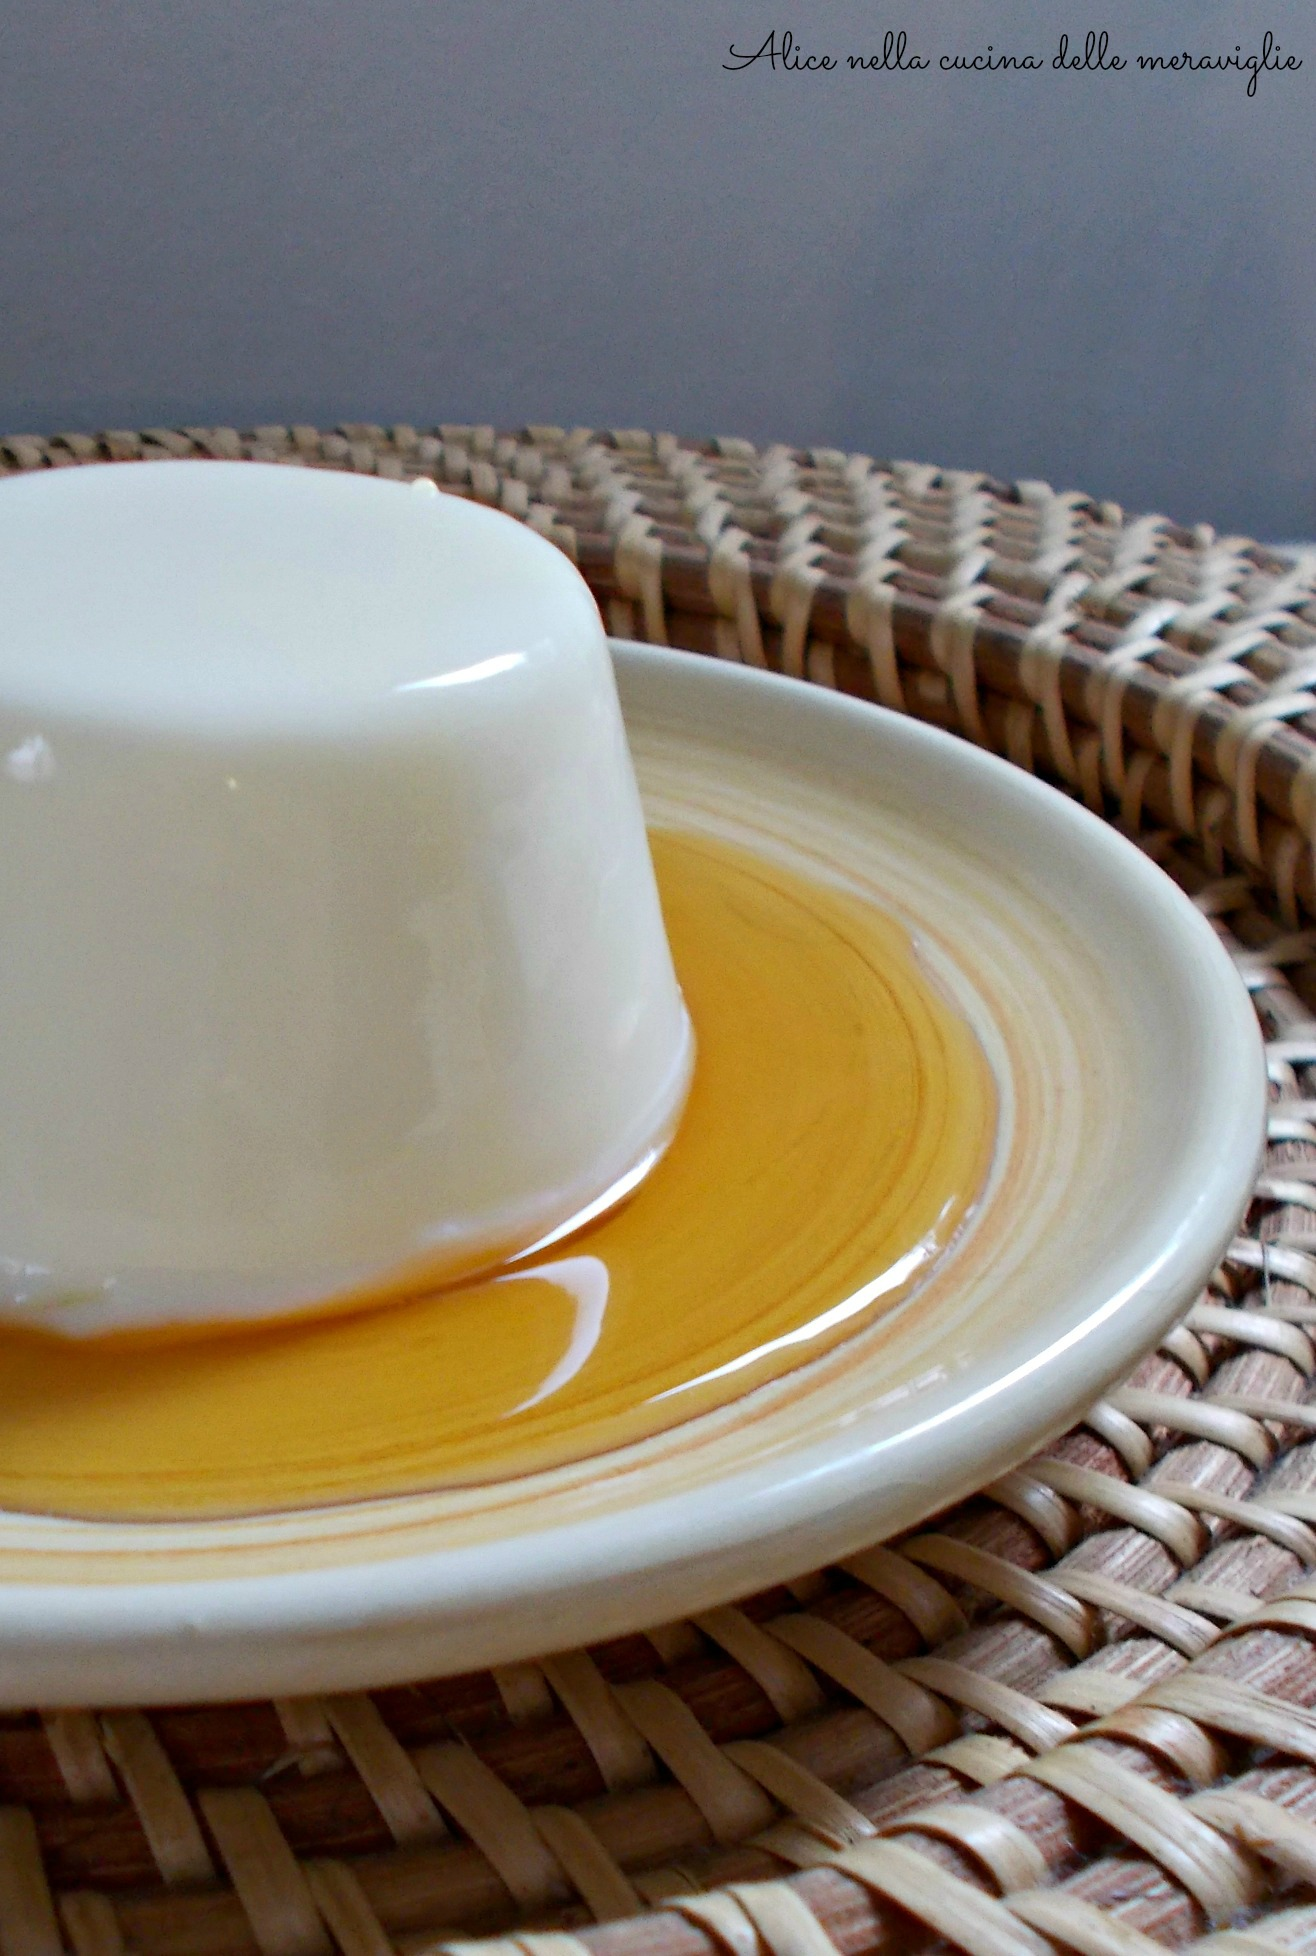 Maple Syrup Panna Cotta Alice nella cucina delle meraviglie